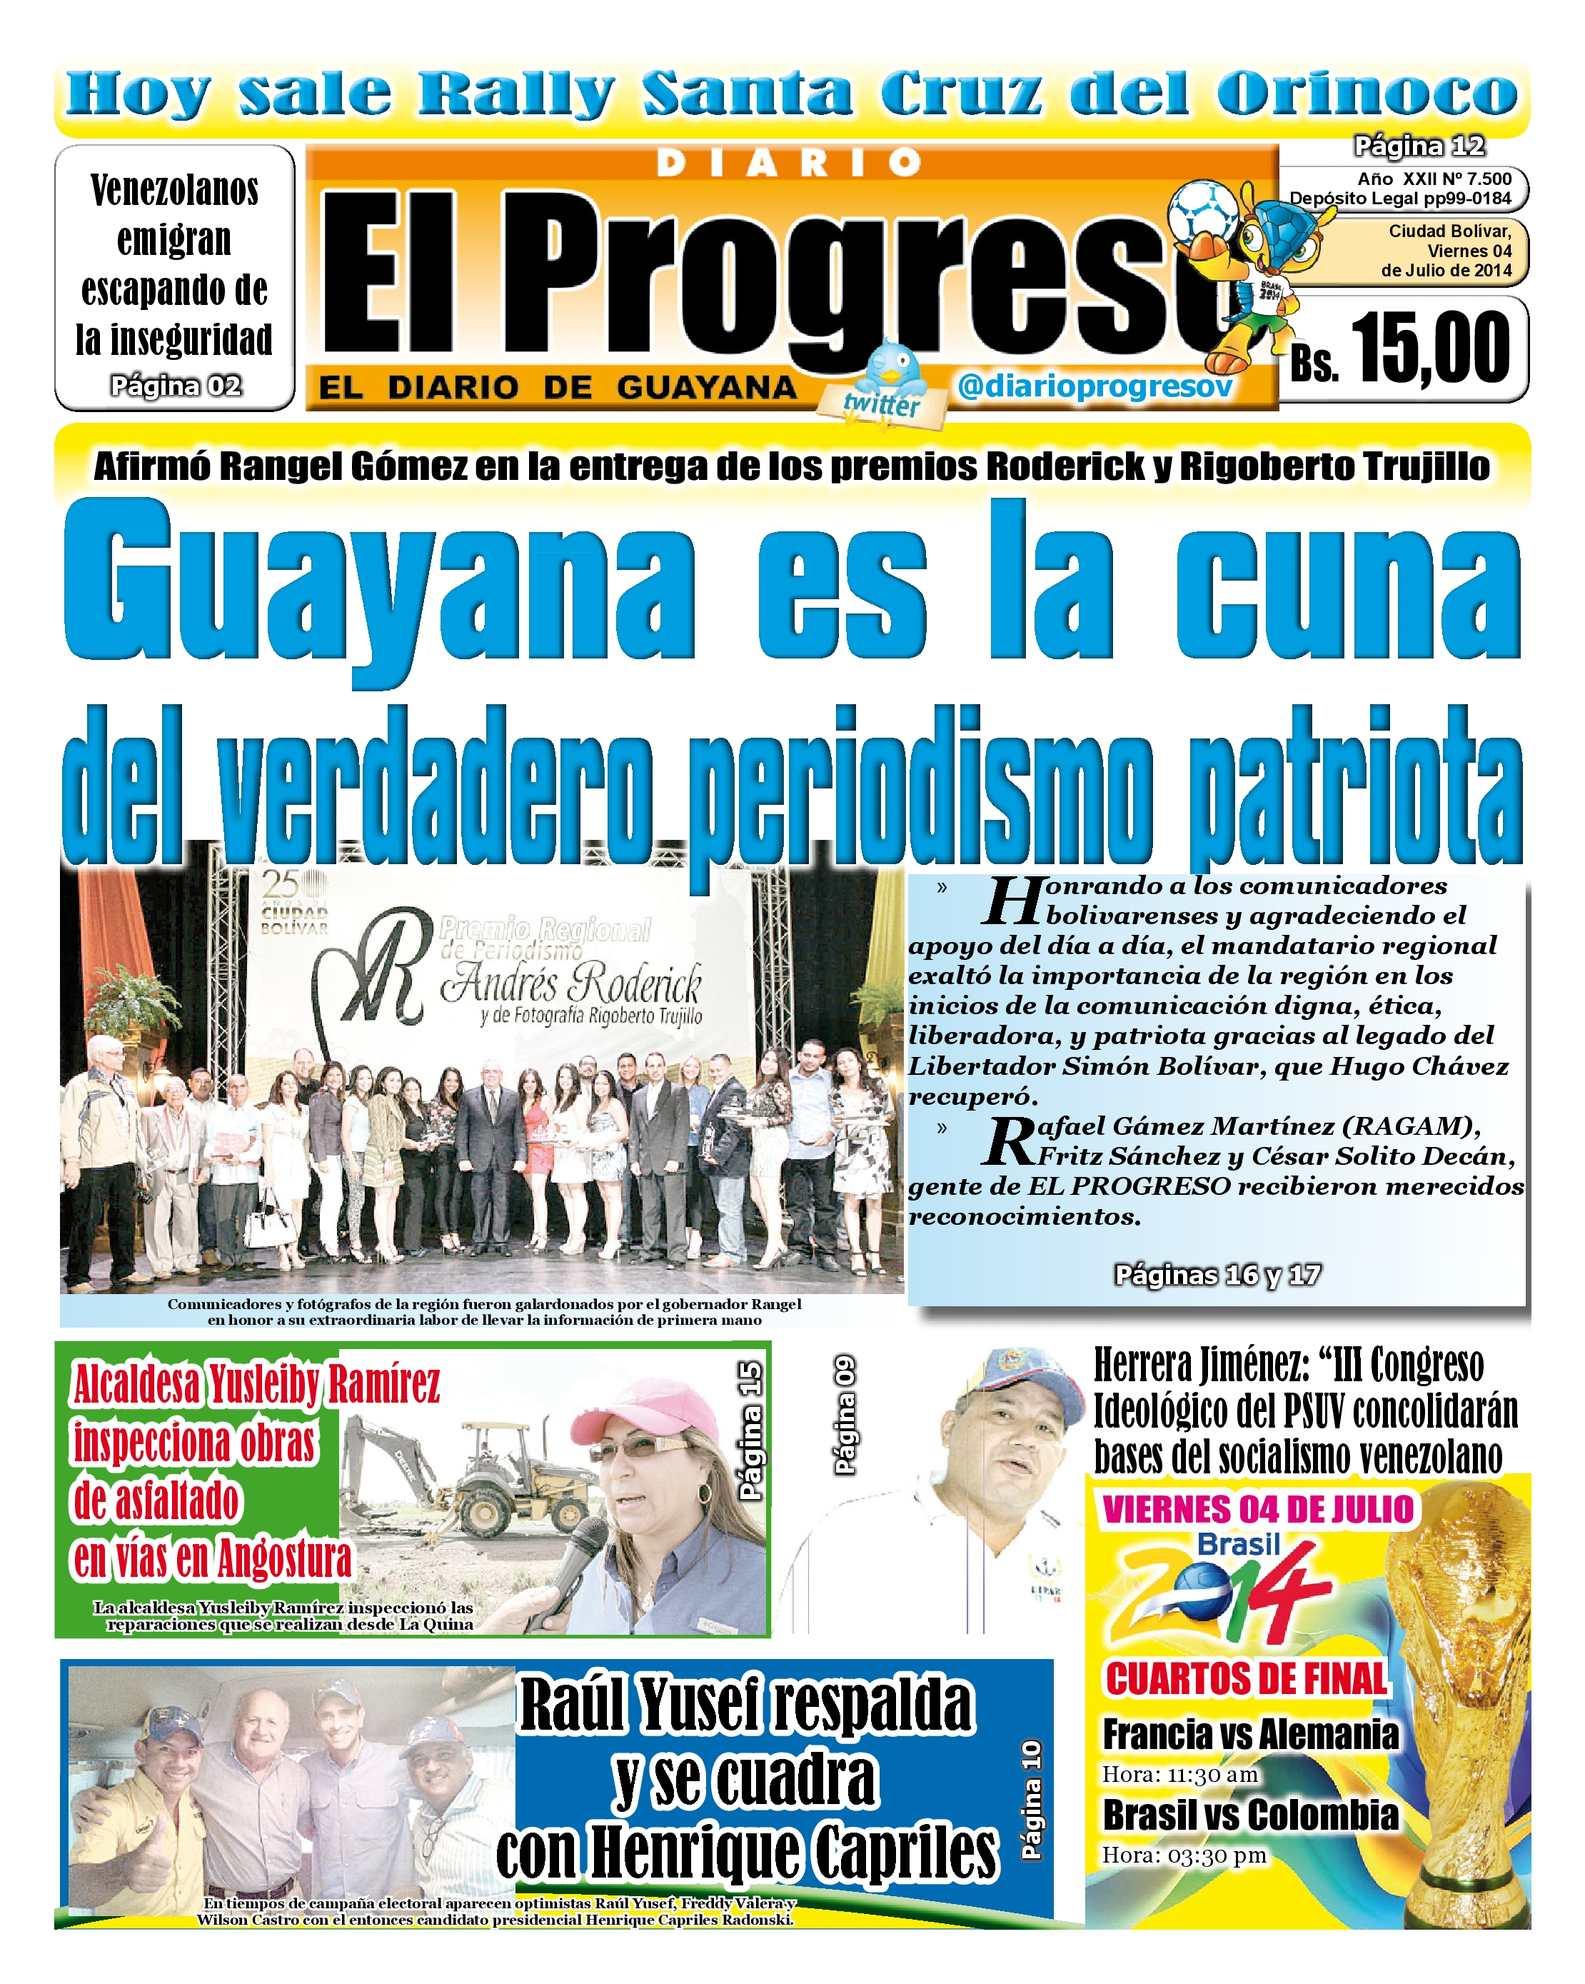 Calaméo - DIARIO EL PROGRESO EDICIÓN DIGITAL 04-07-2014 51b7defaca7